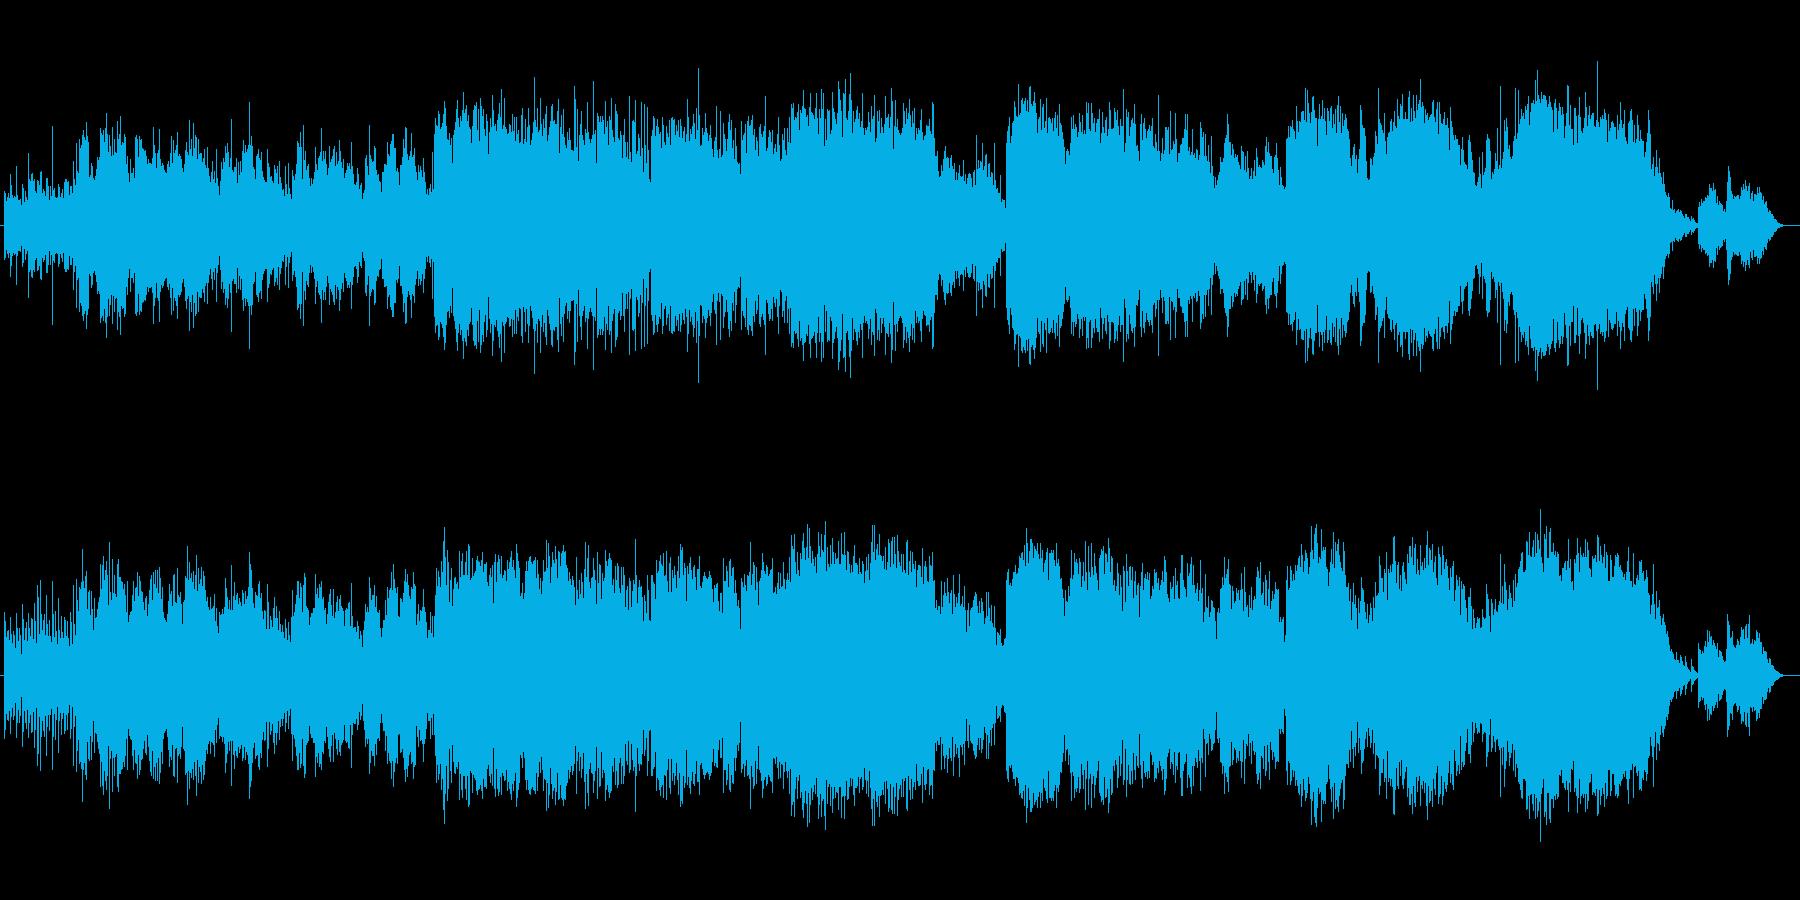 儚げなギターバラードの再生済みの波形